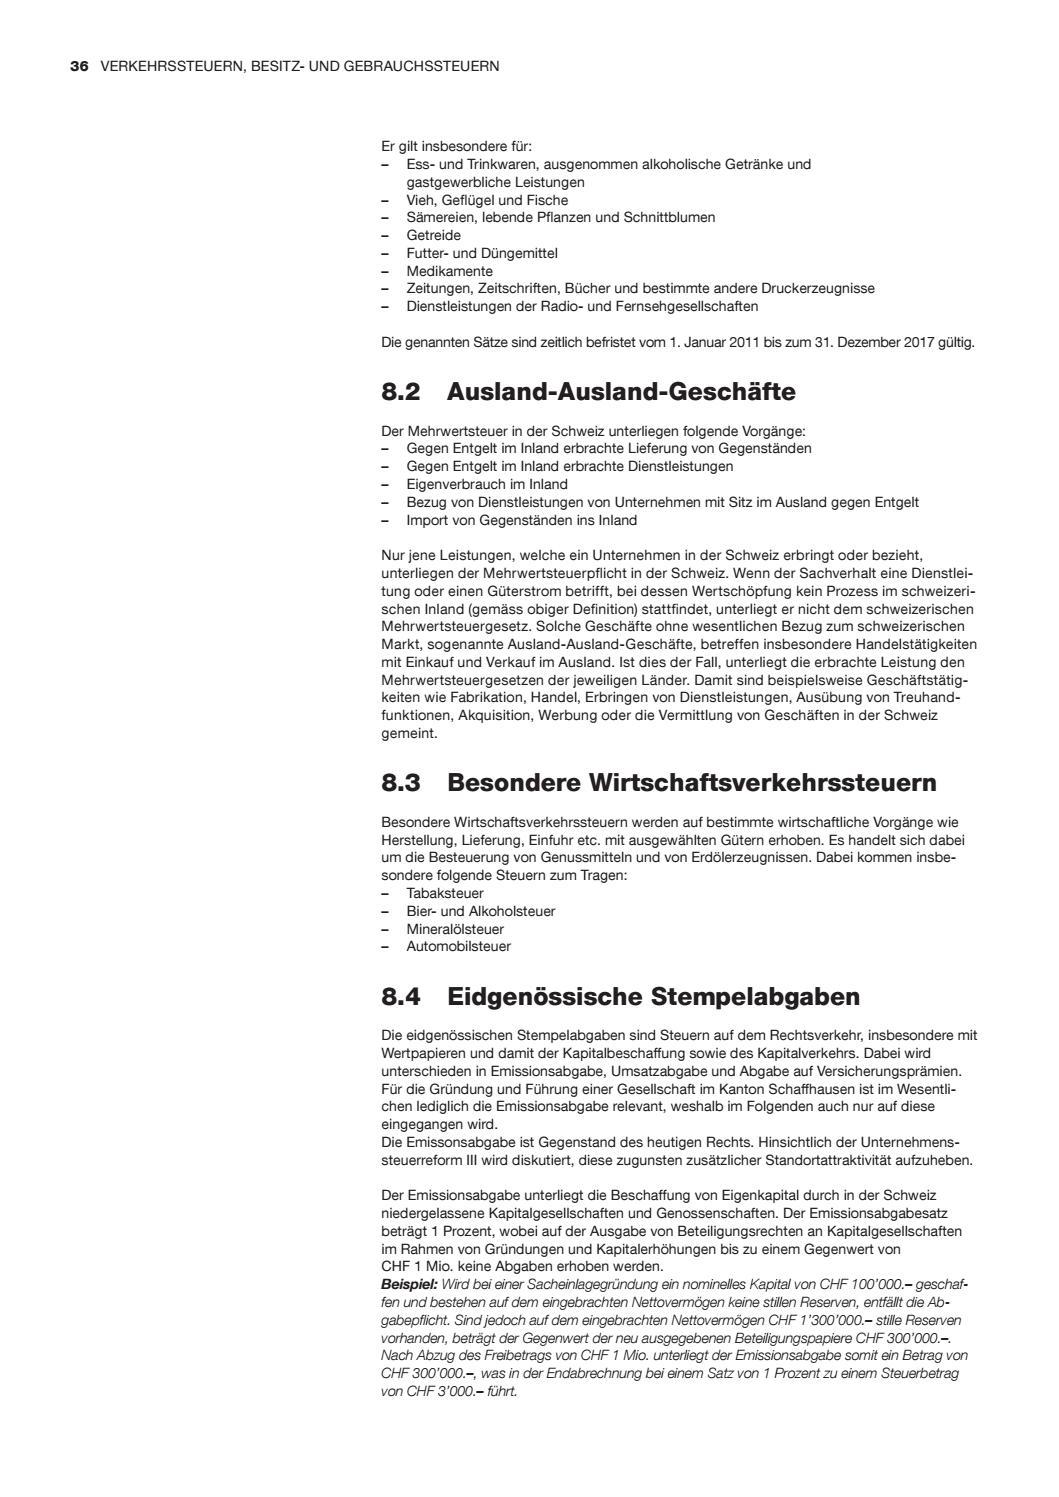 Tax guide schaffhausen 2016 attraktive steuern fuer juristische und ...